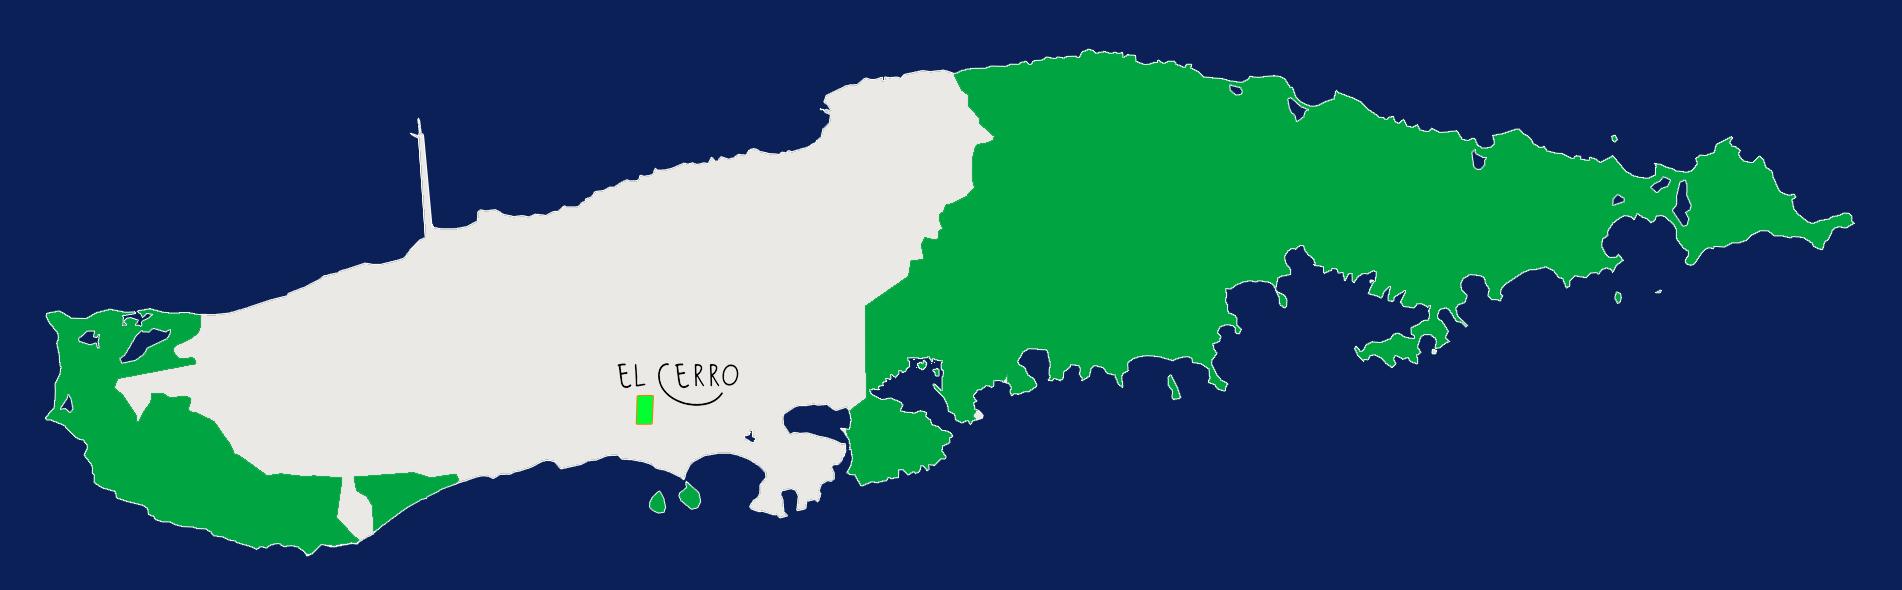 El Cerro Map